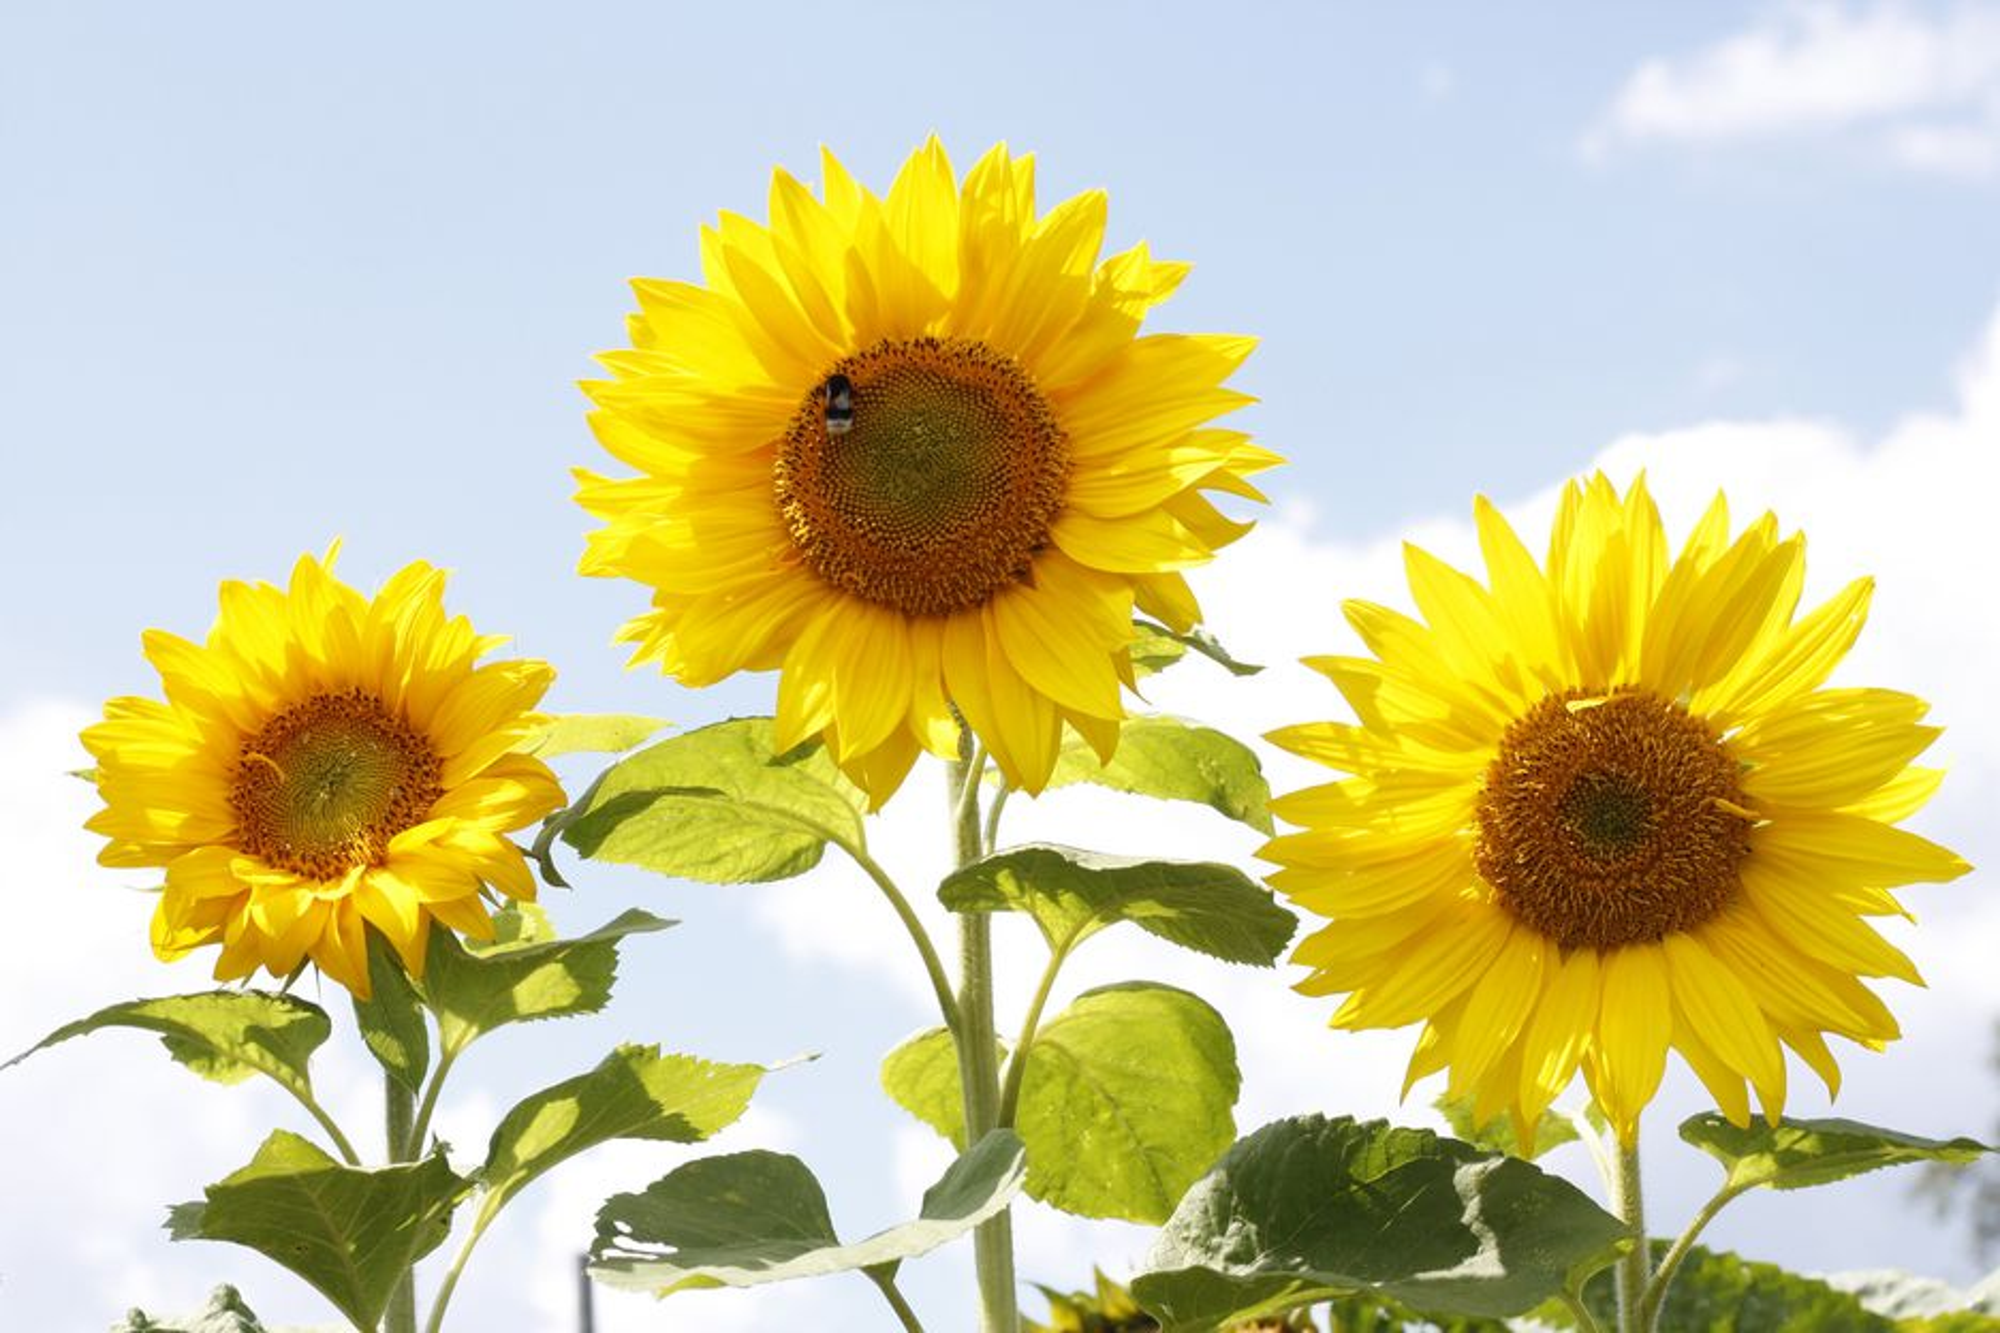 De store dosene man må bruke av naturlige plantevernmidler gjør dem like skadelige som andre midler.